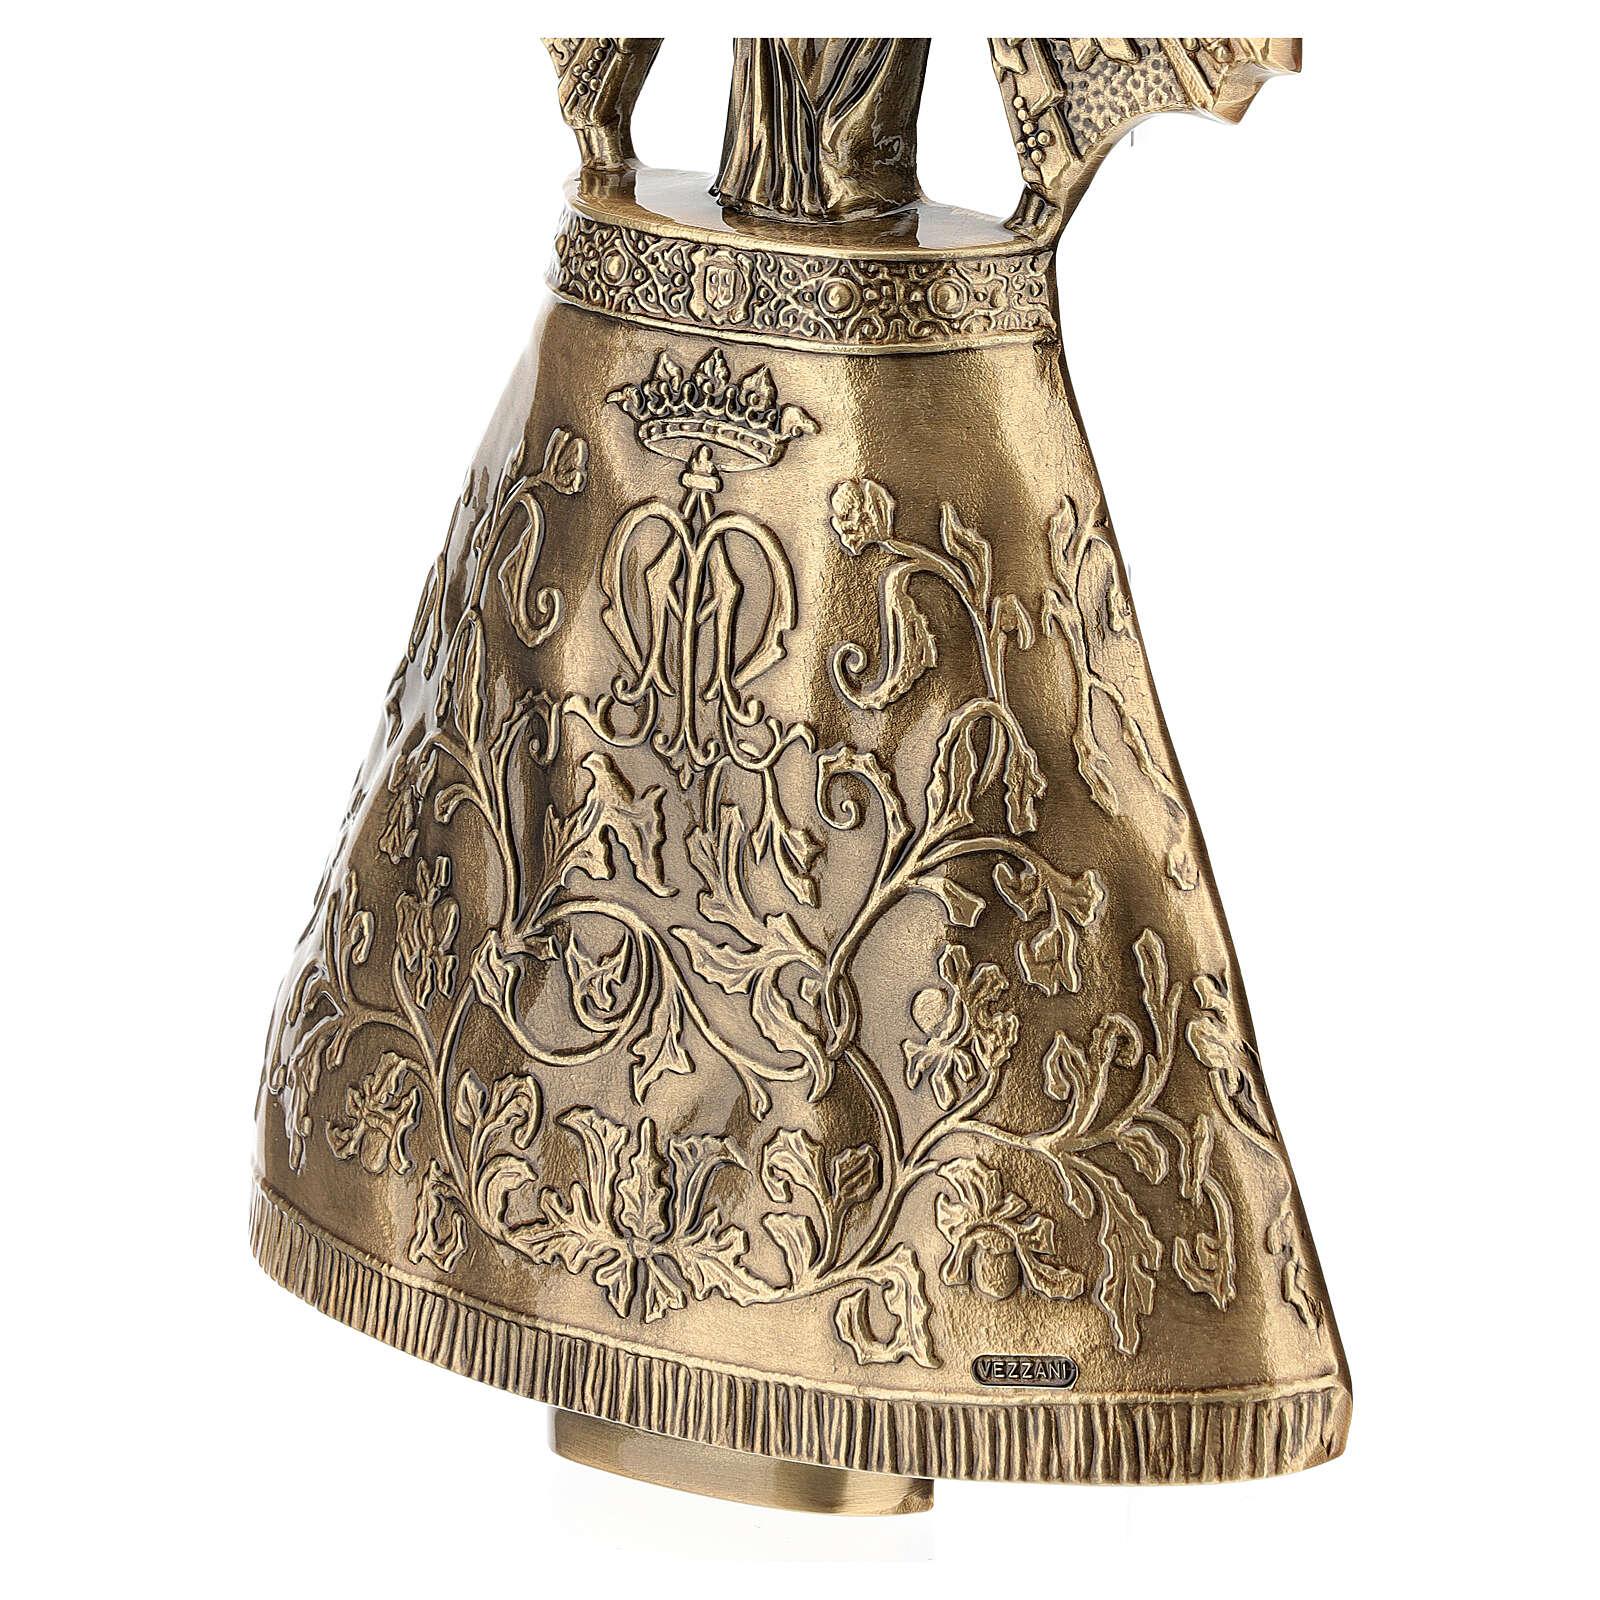 Placa Virgem do Pilar bronze 43 cm para EXTERIOR 3